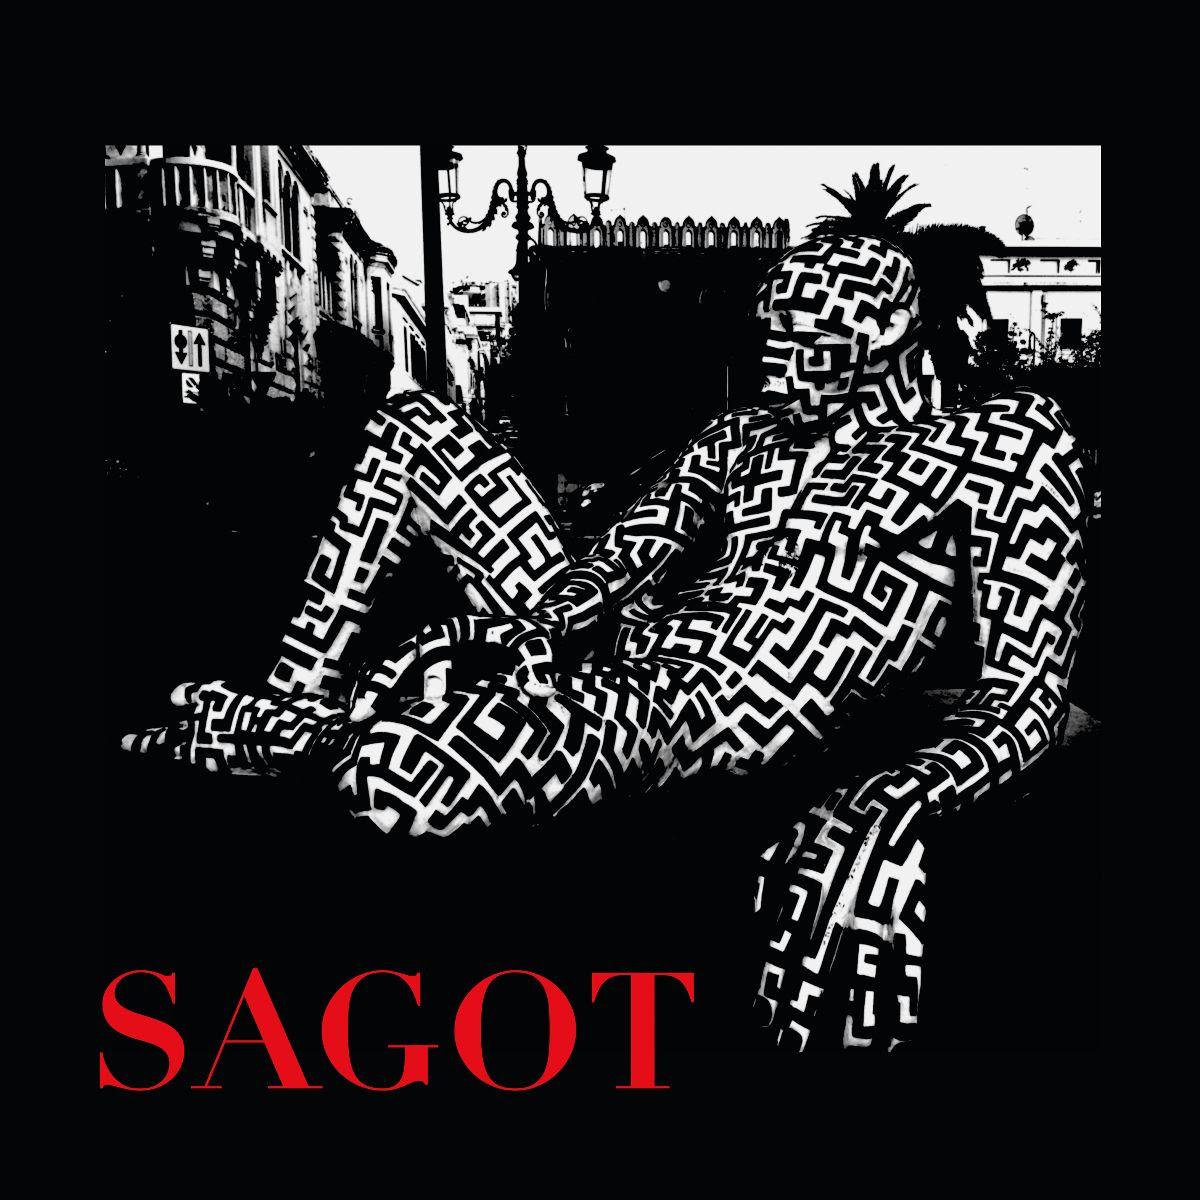 Sagot - Le Canal Auditif